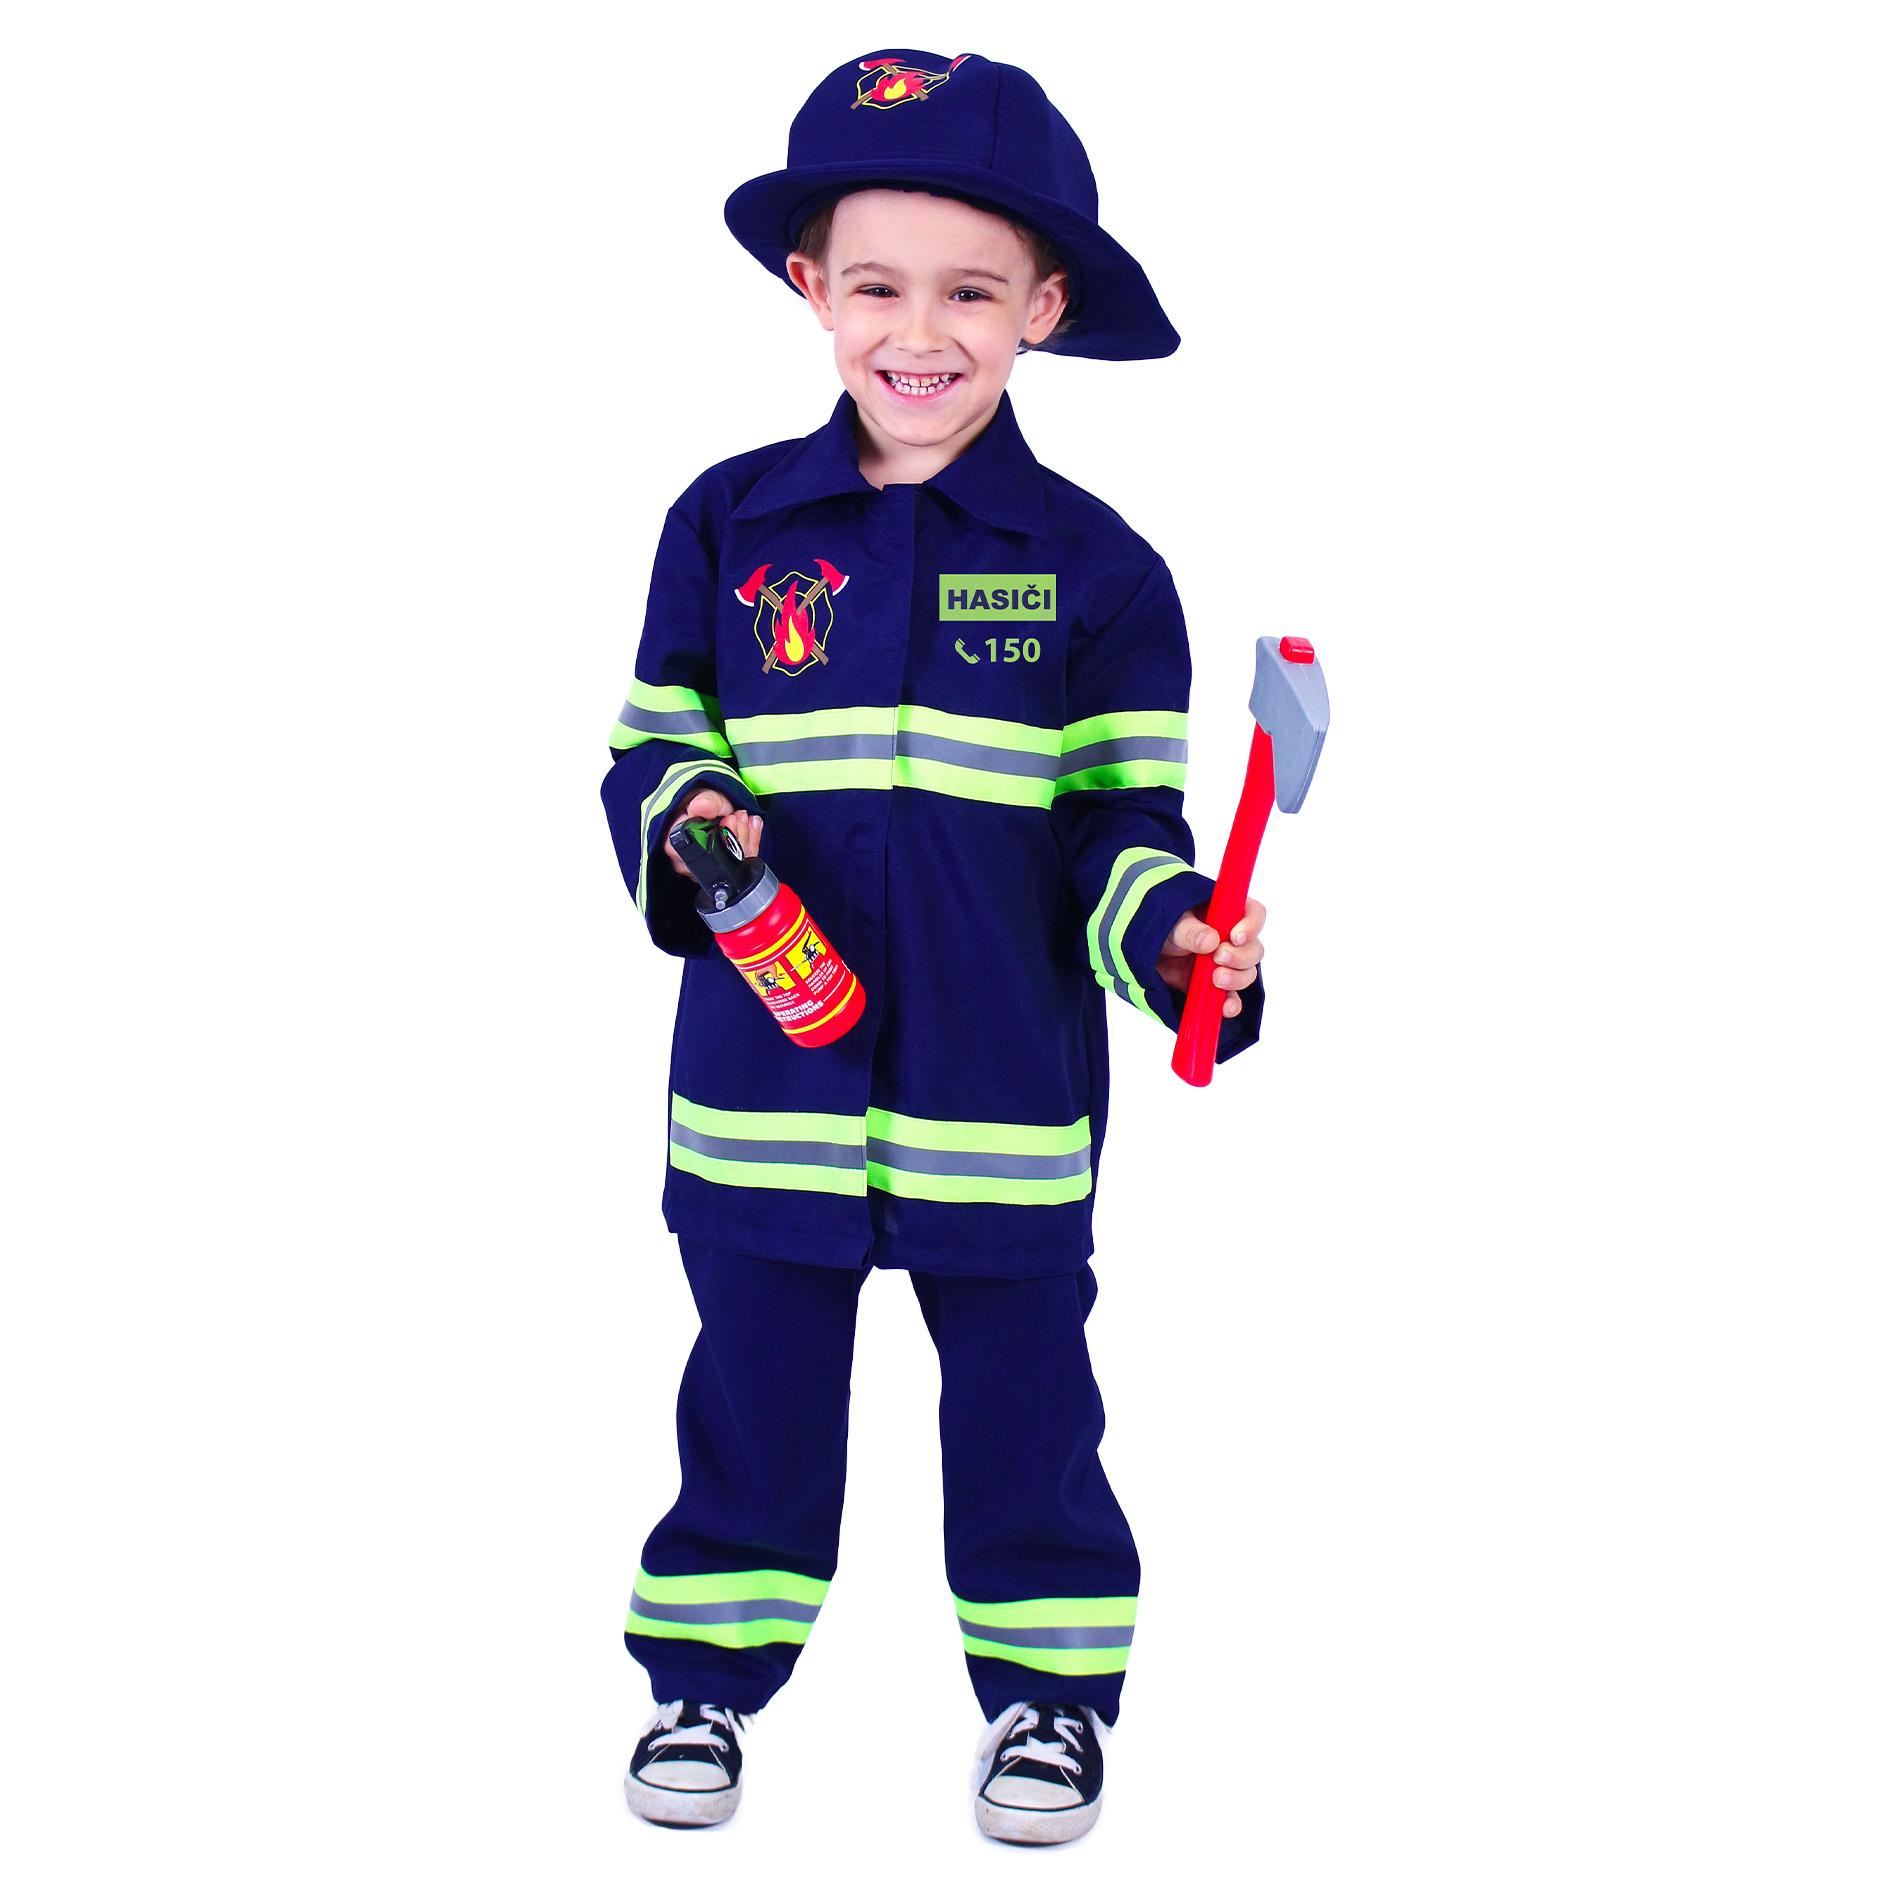 Dětský kostým hasič s českým potiskem (M)